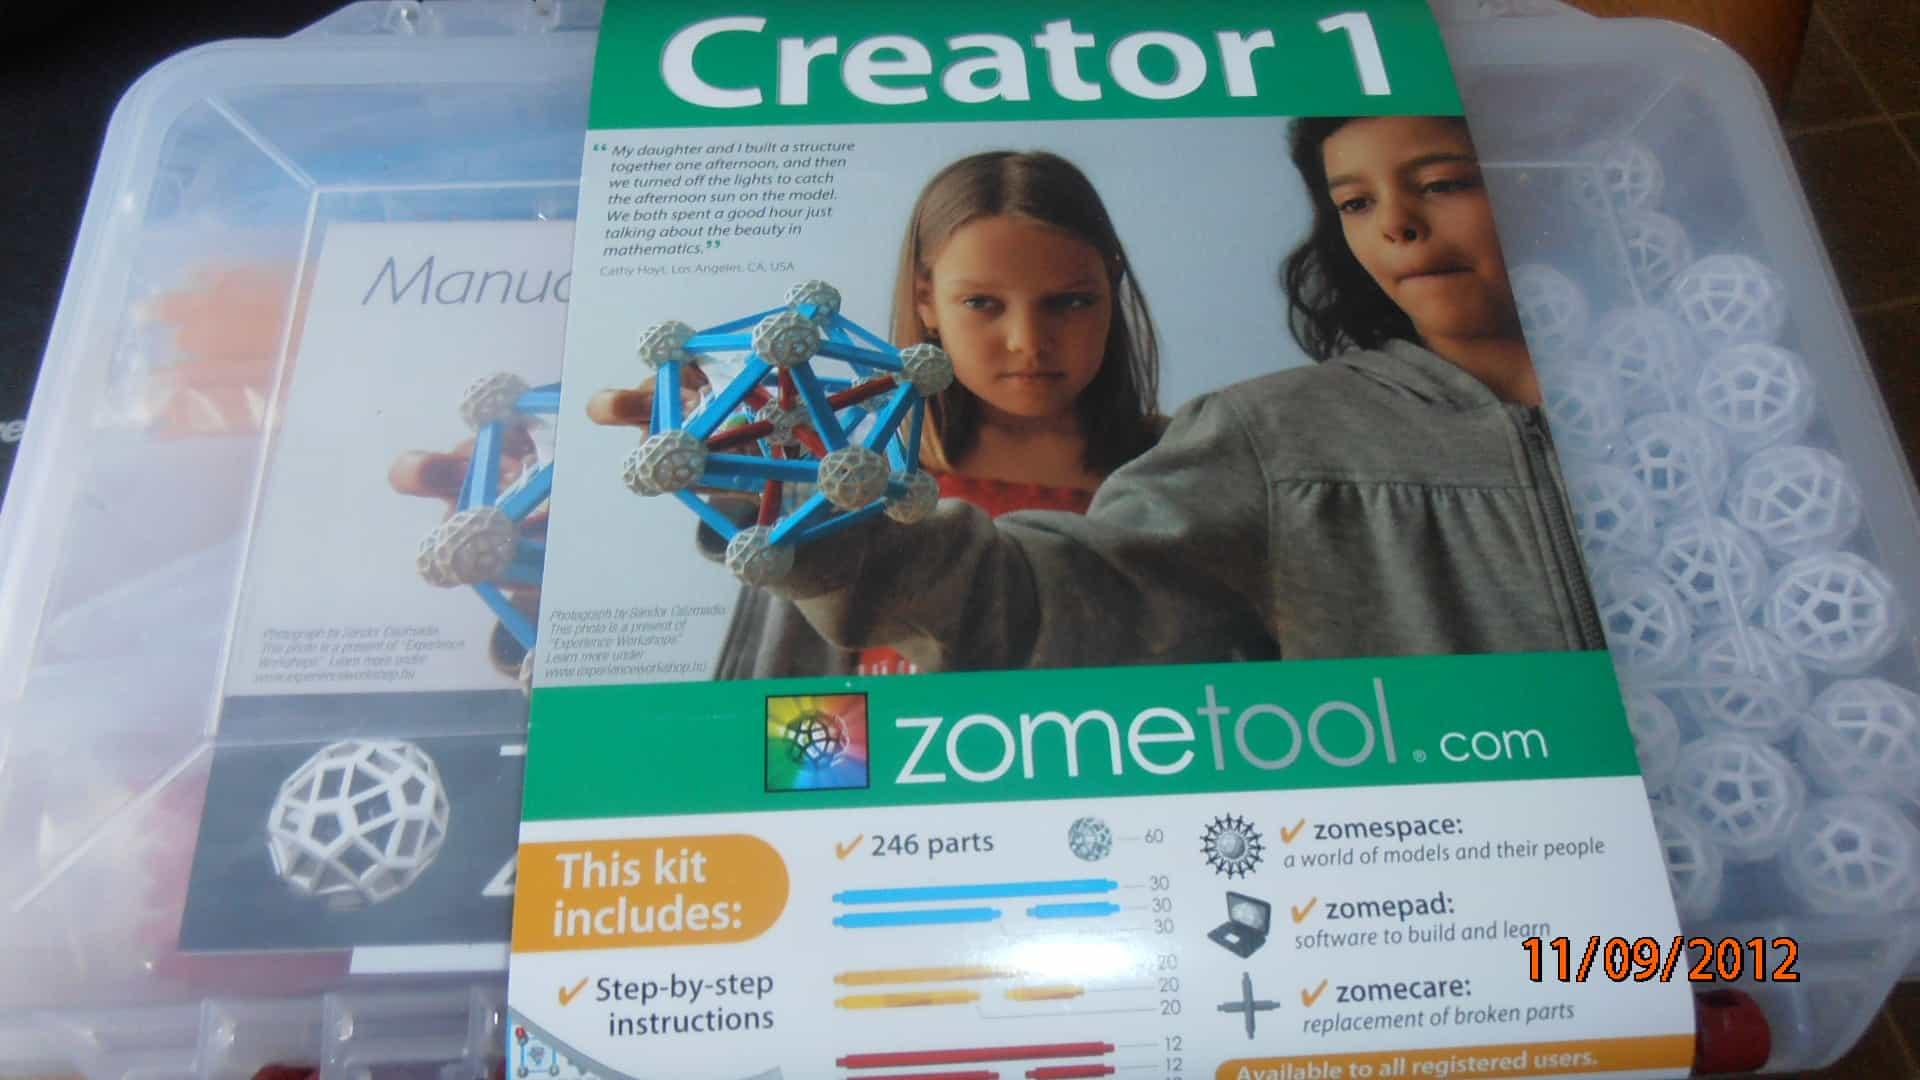 zoomtool